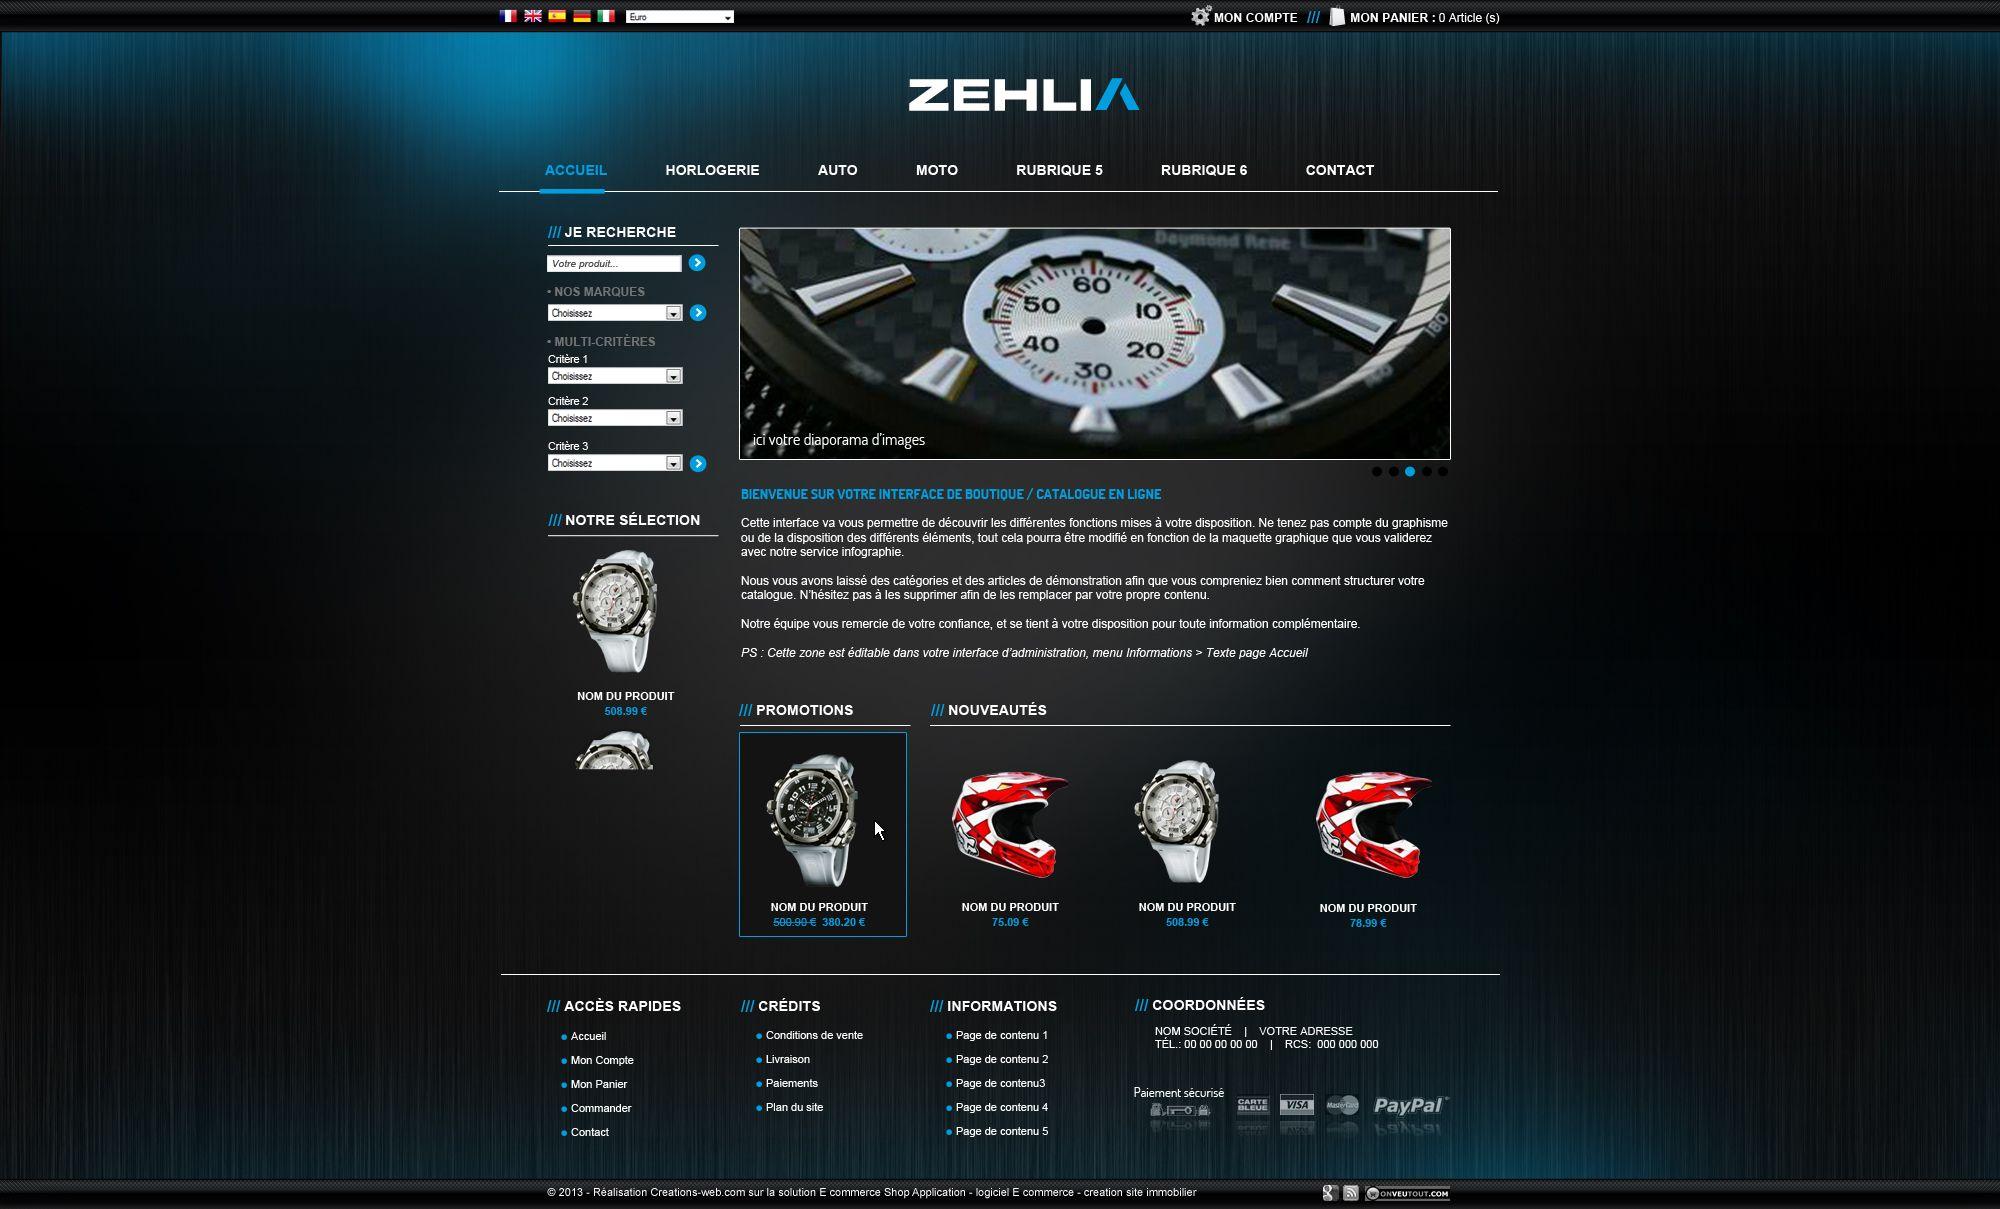 Maquette réalisée pour le site zehlia.com